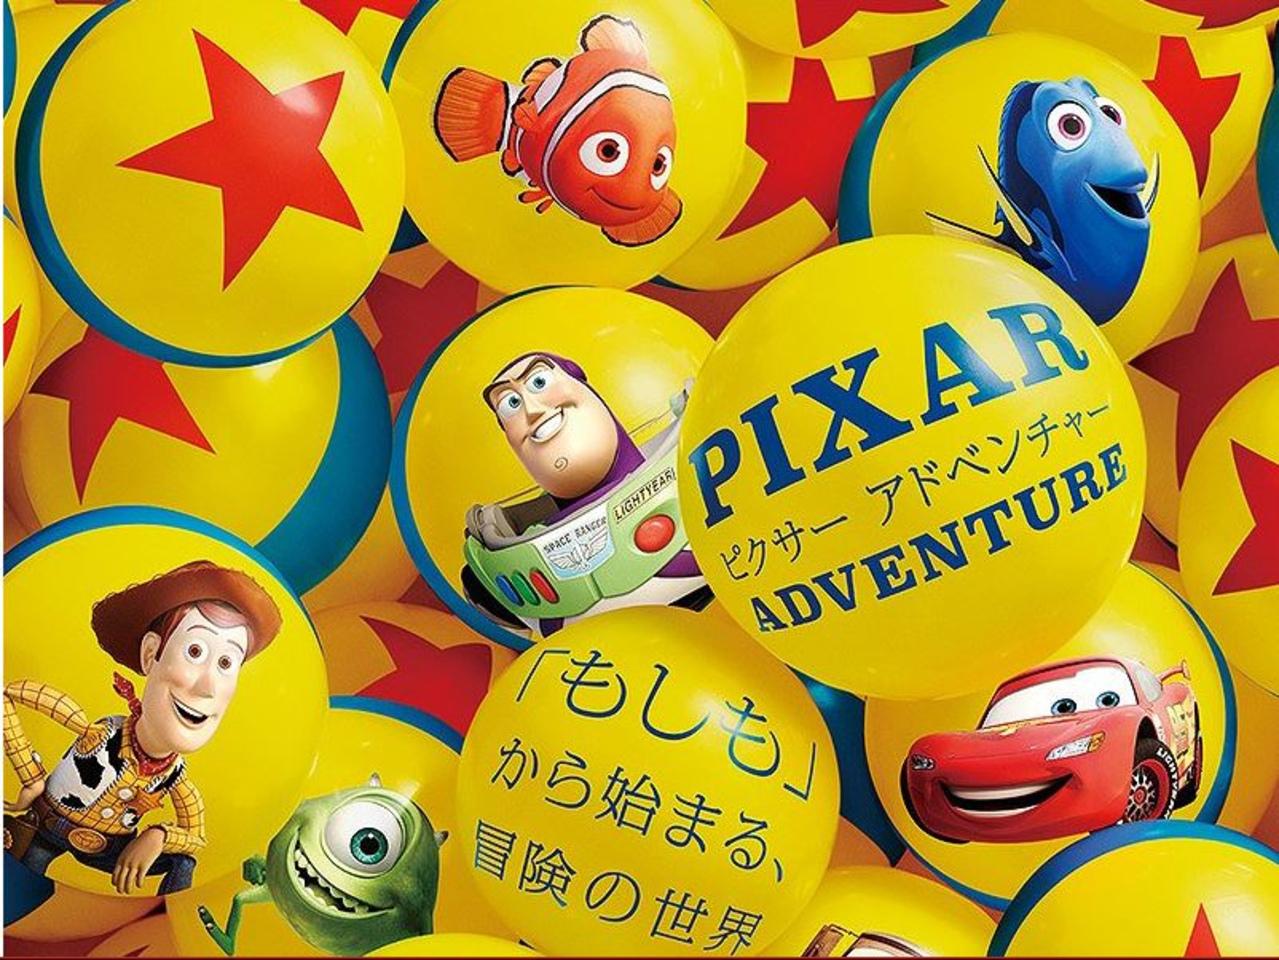 ピクサー アドベンチャー「もしも」から始まる、冒険の世界!